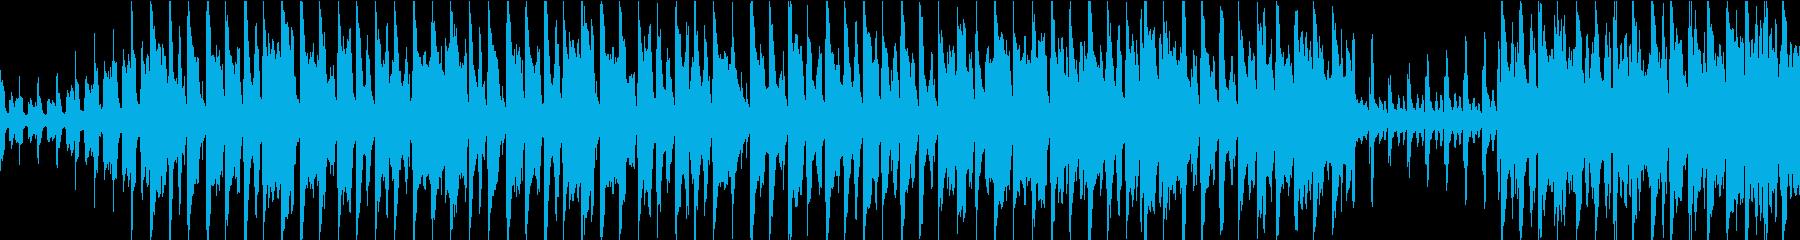 賑やかな中国風のループBGM 二胡・笛子の再生済みの波形